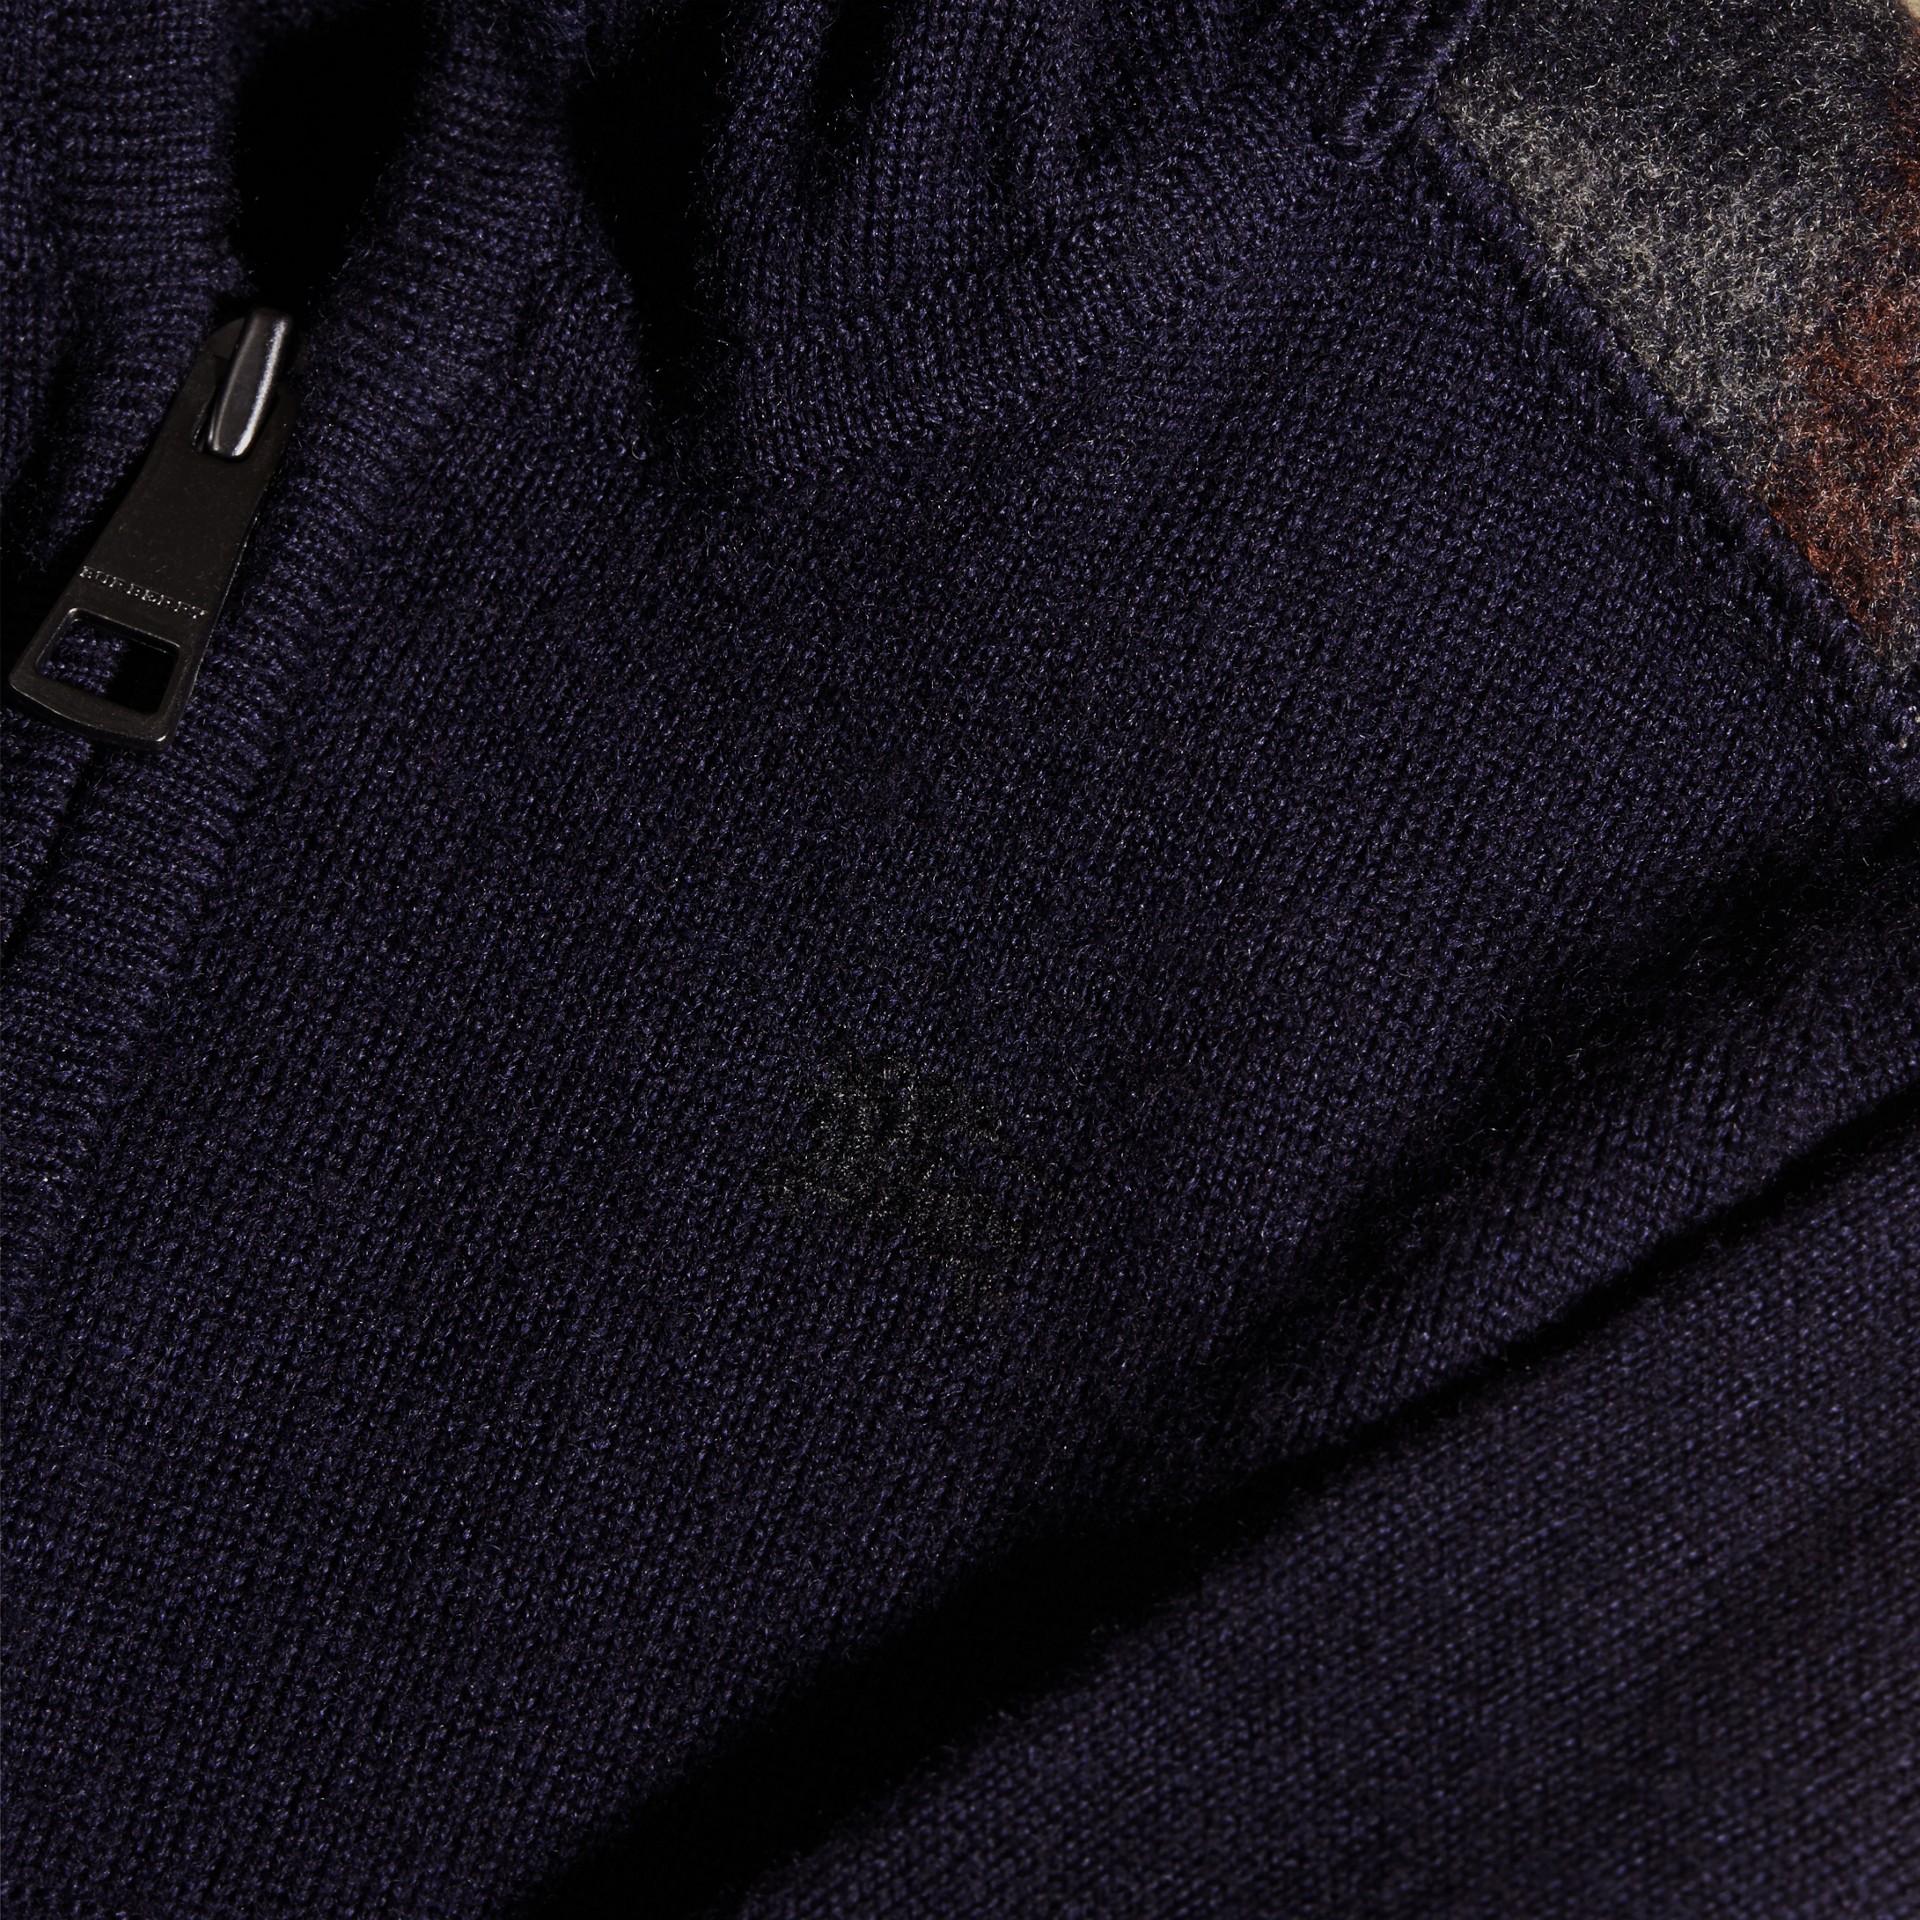 Navy Felpa con cappuccio in lana Merino con dettagli check - immagine della galleria 2